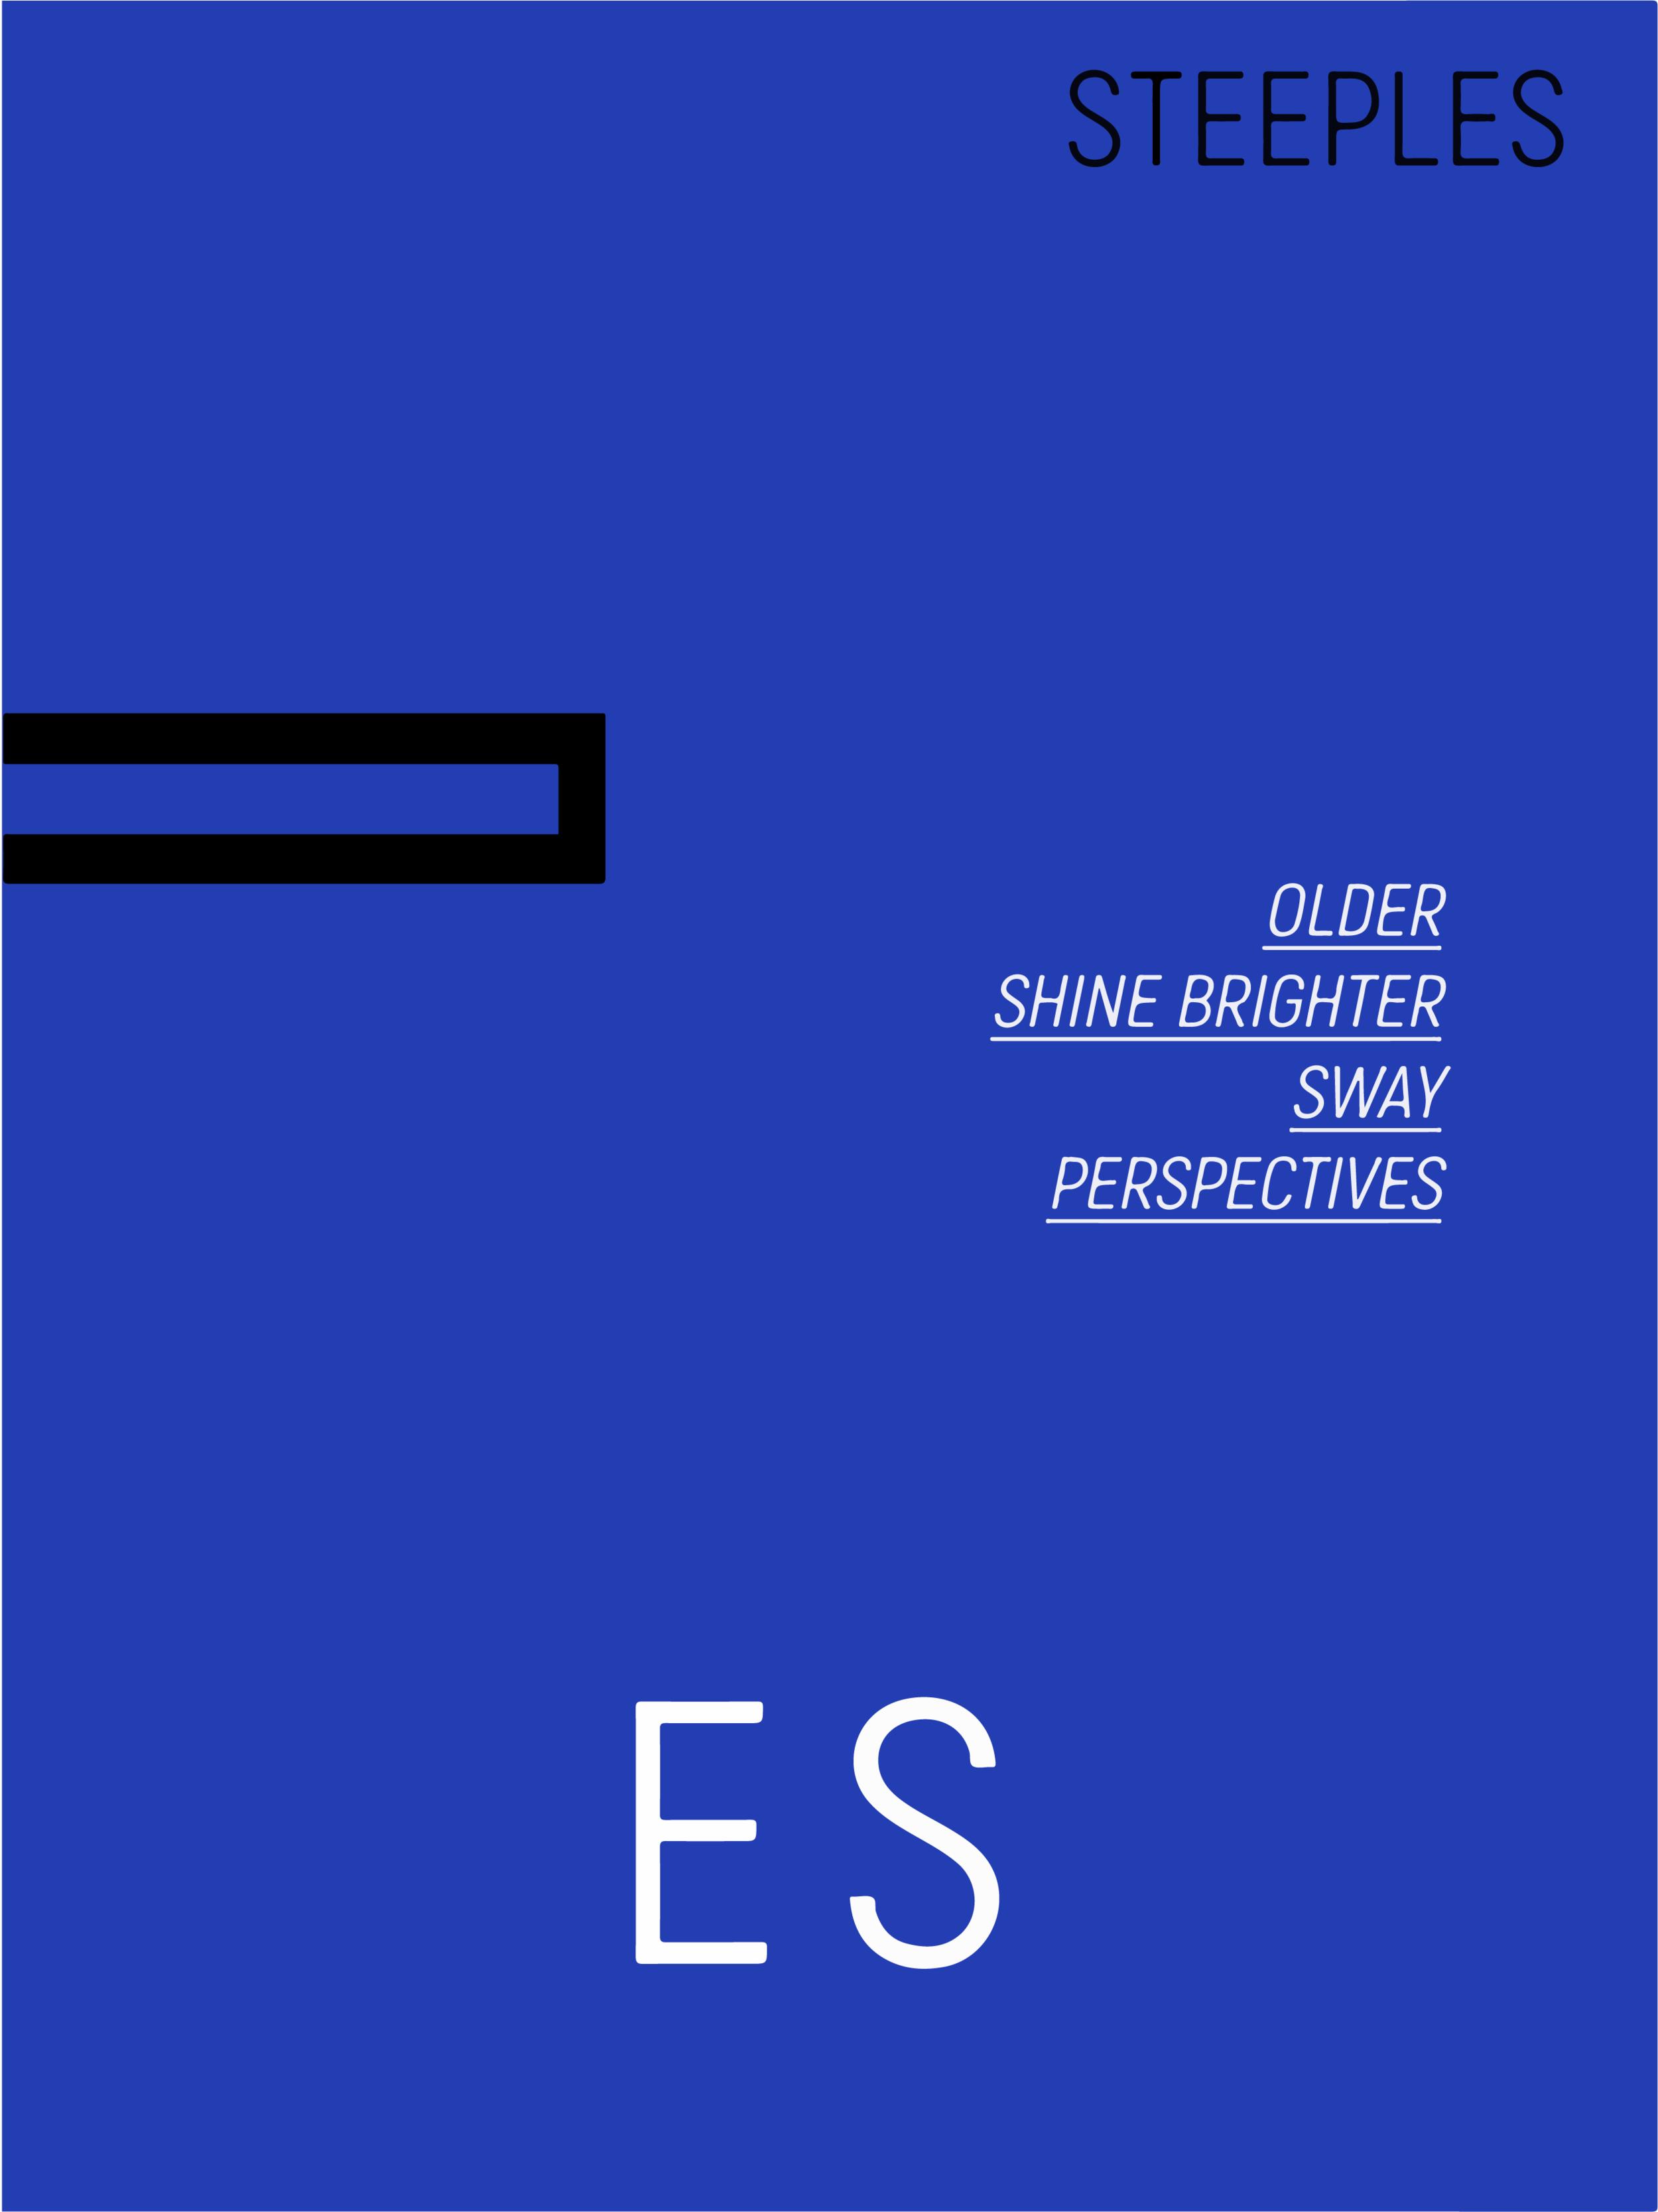 ES Poster - $5